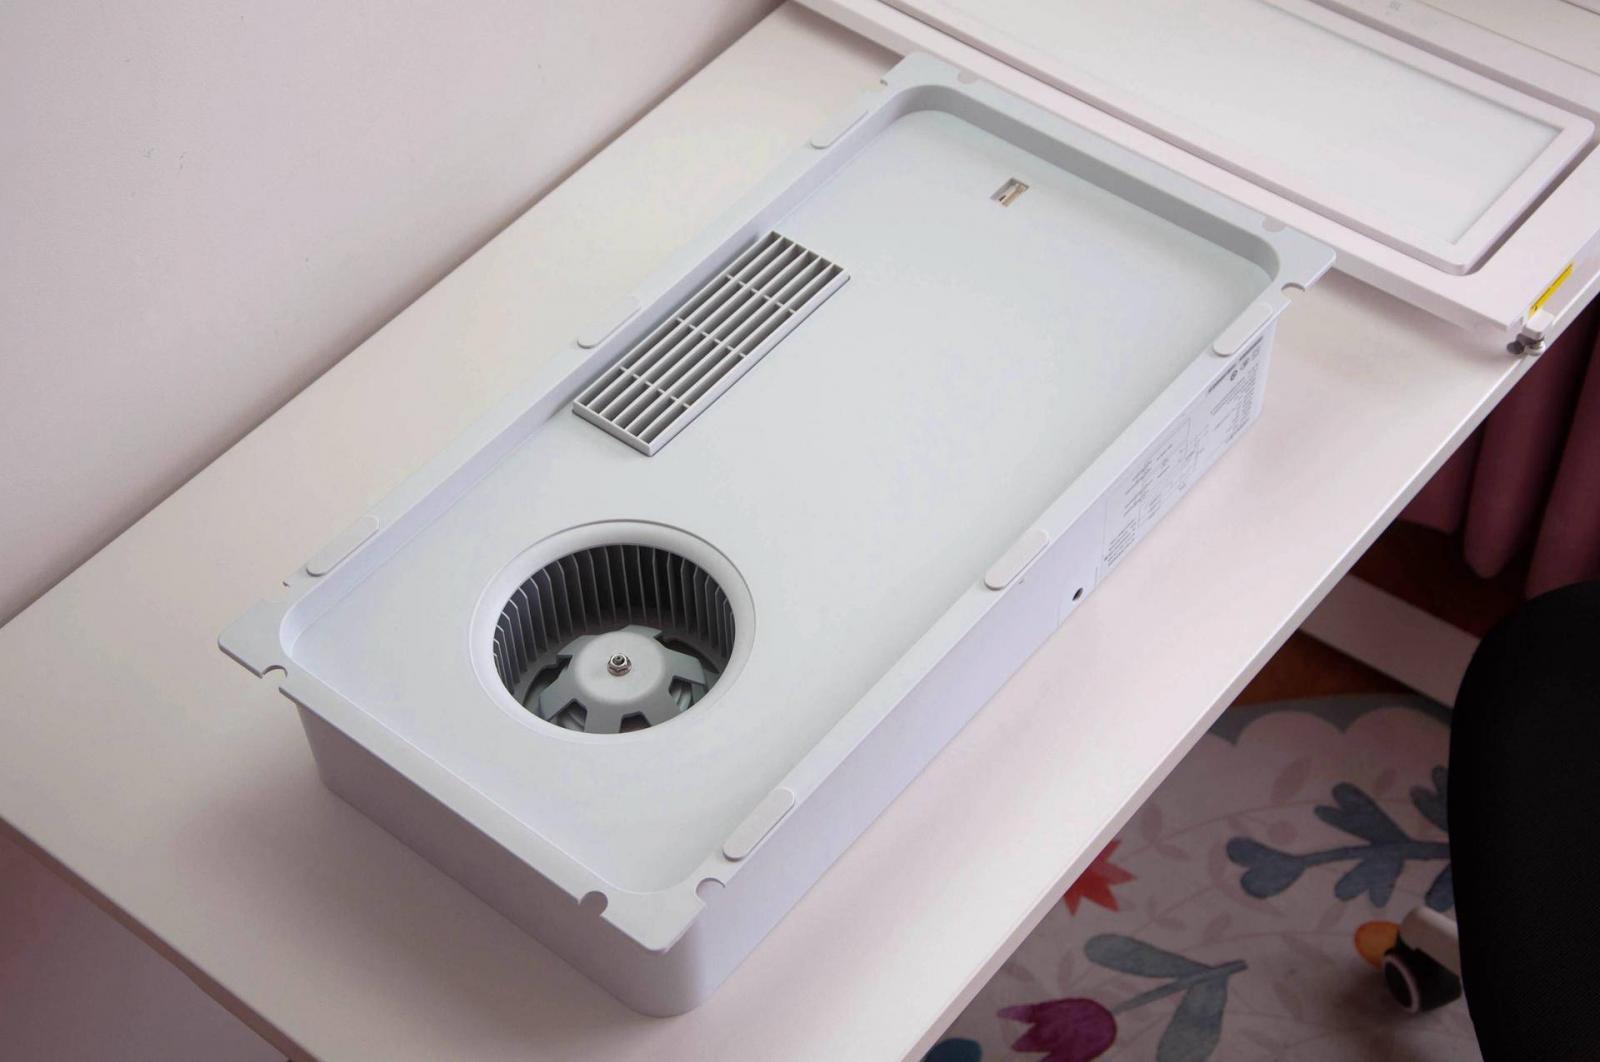 小米11.11,米家智能浴霸Pro值得买,免布线快装冬暖夏凉